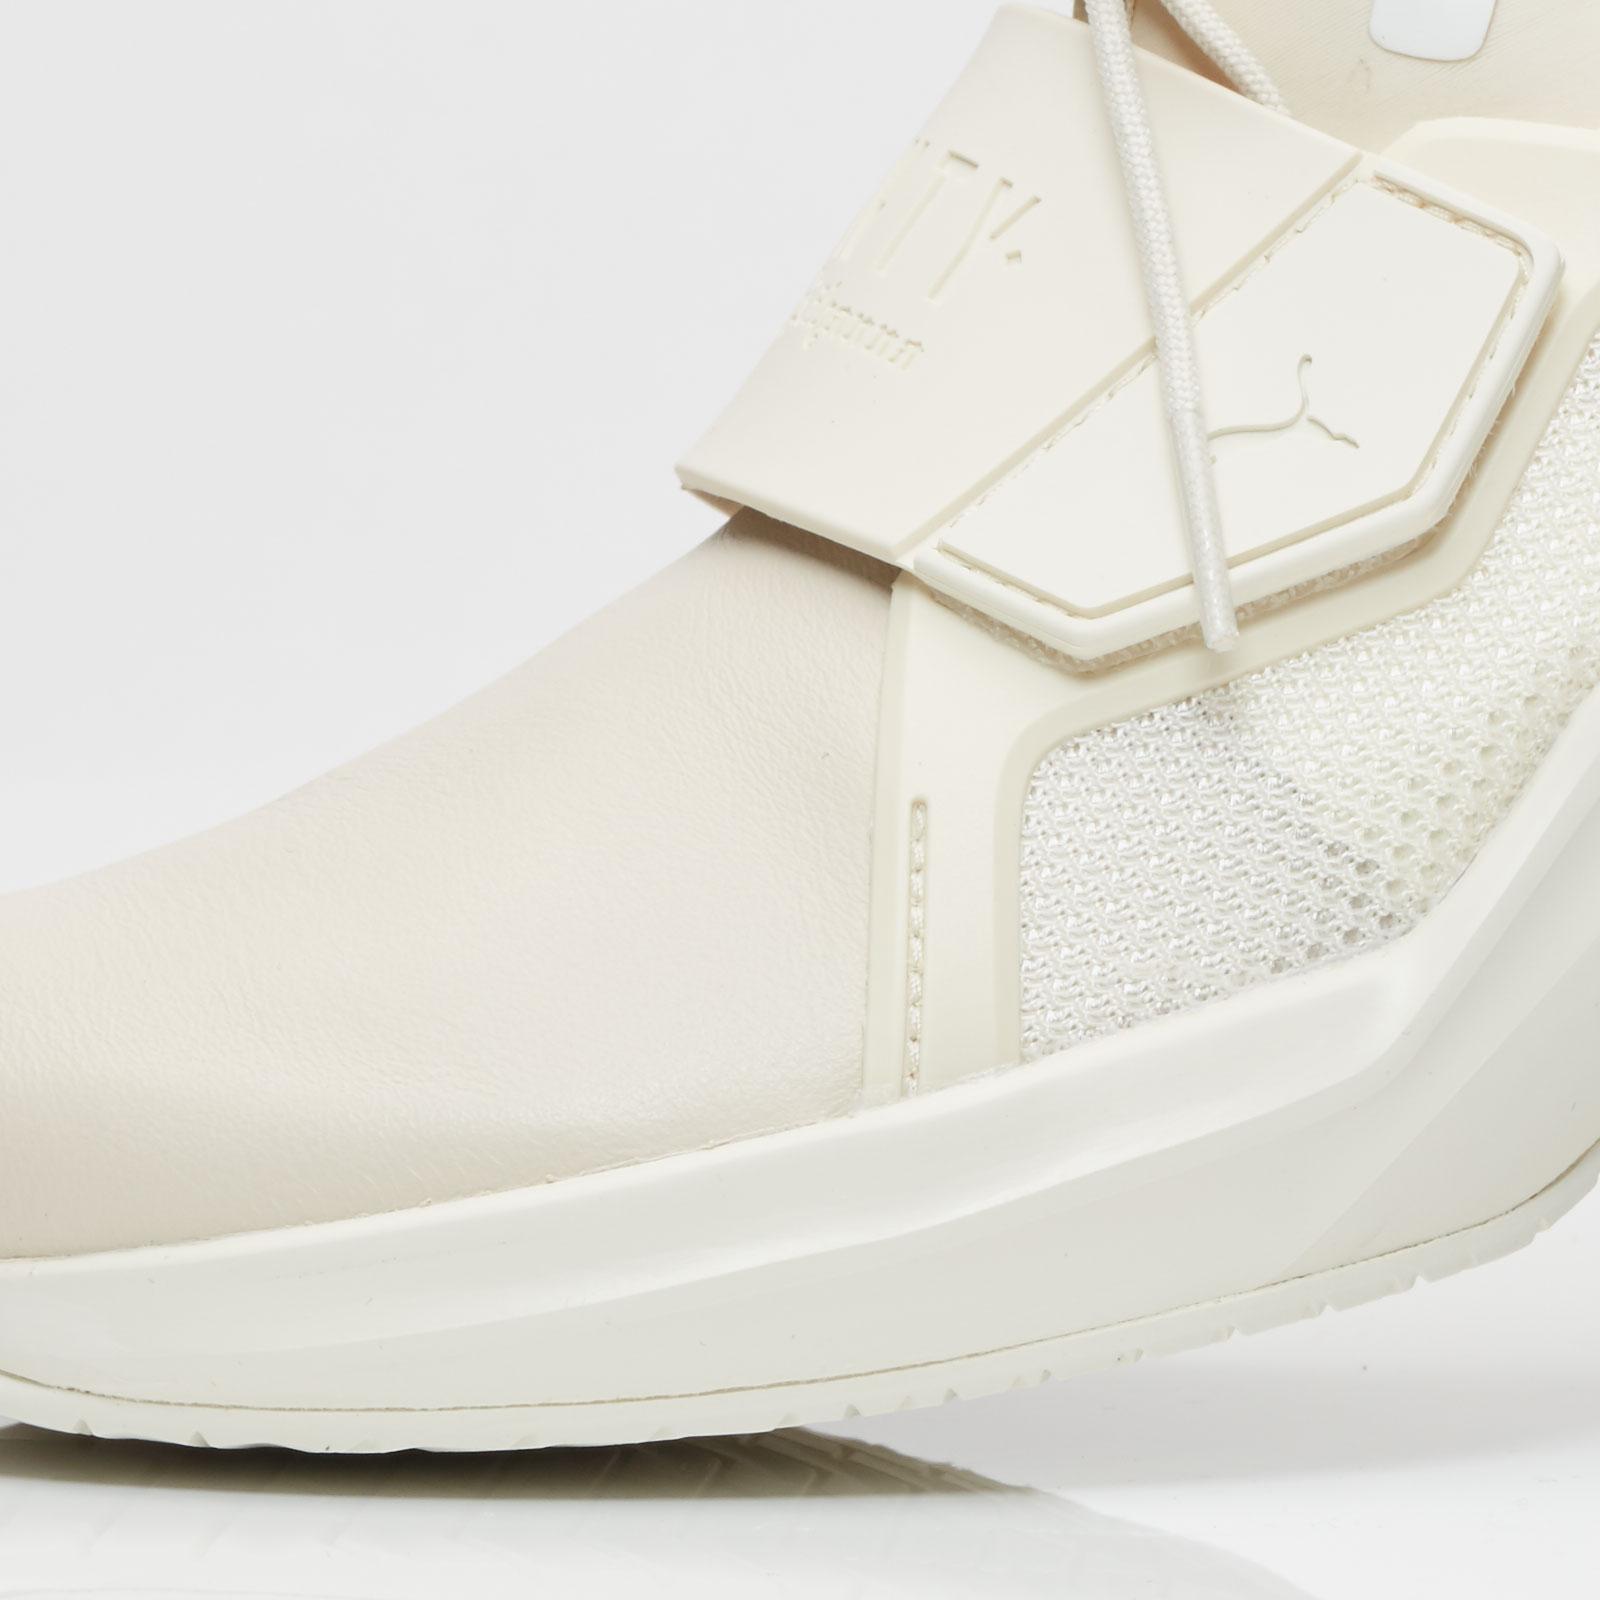 Puma Fenty Hi Leather Wns - 190398-04 - Sneakersnstuff  28abef784